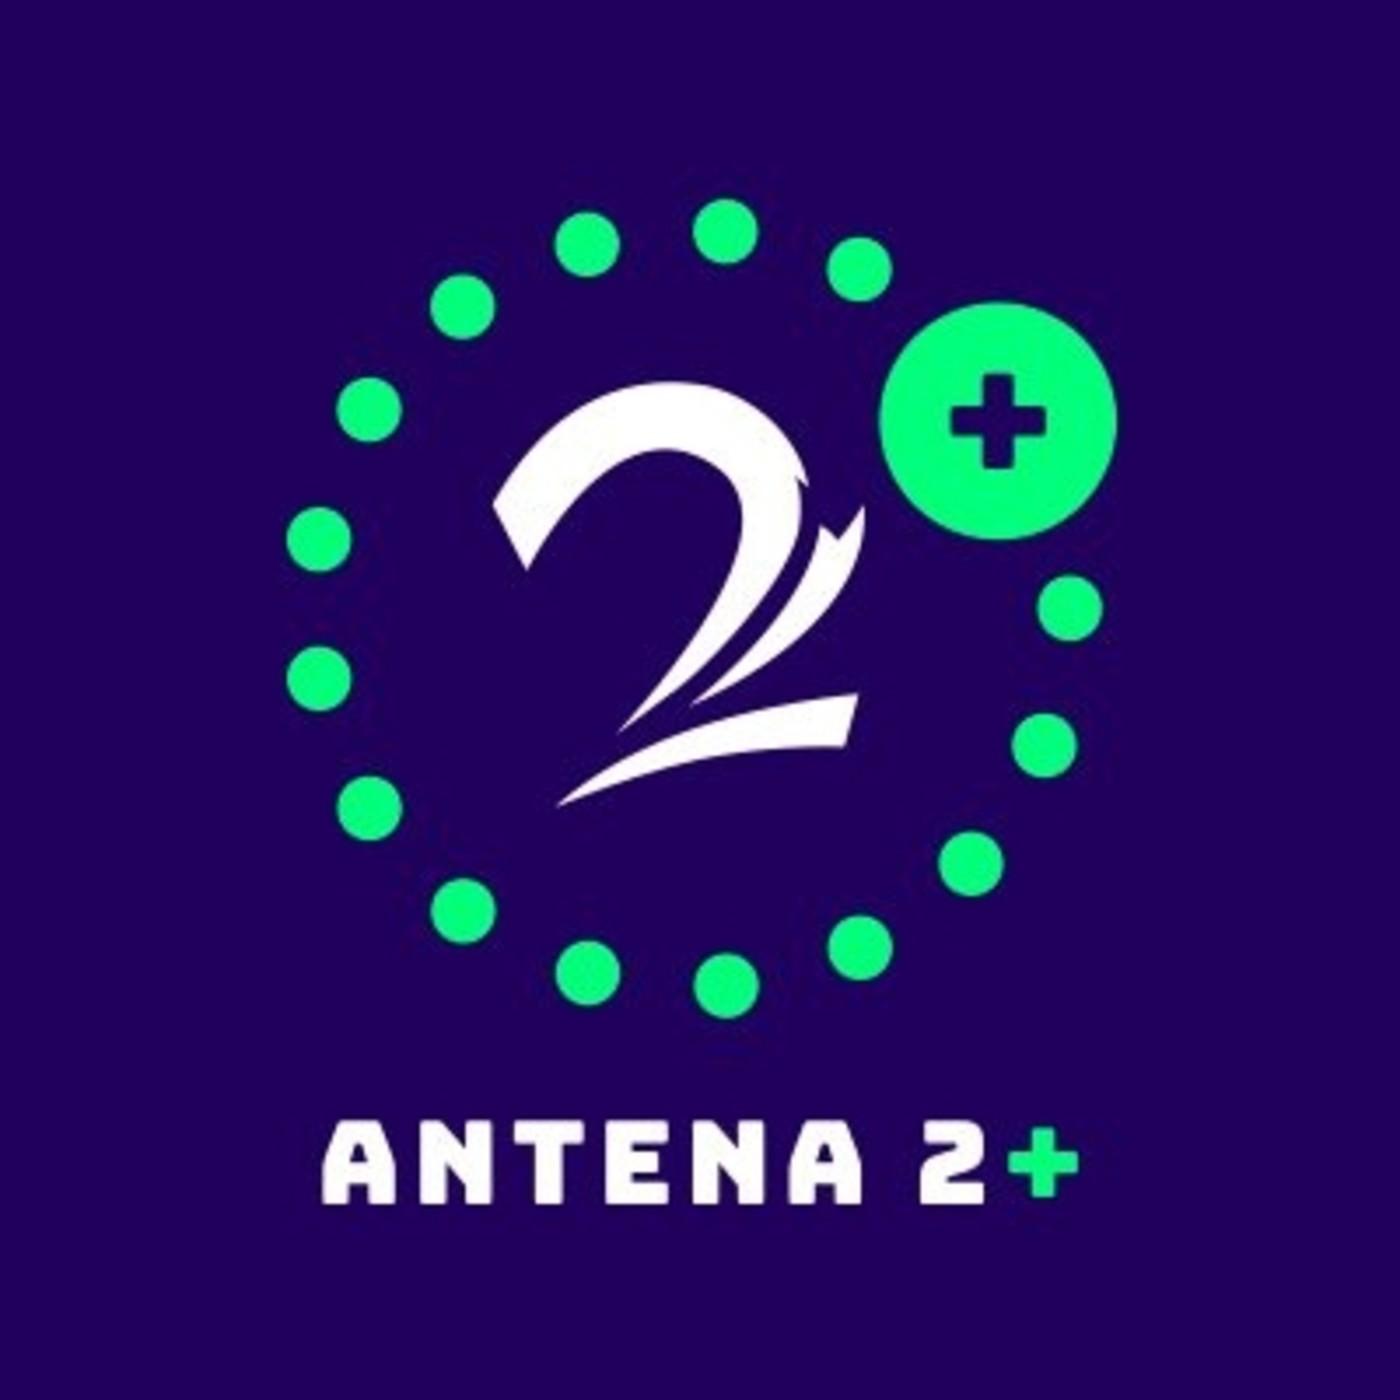 - Antena 2 (Cali